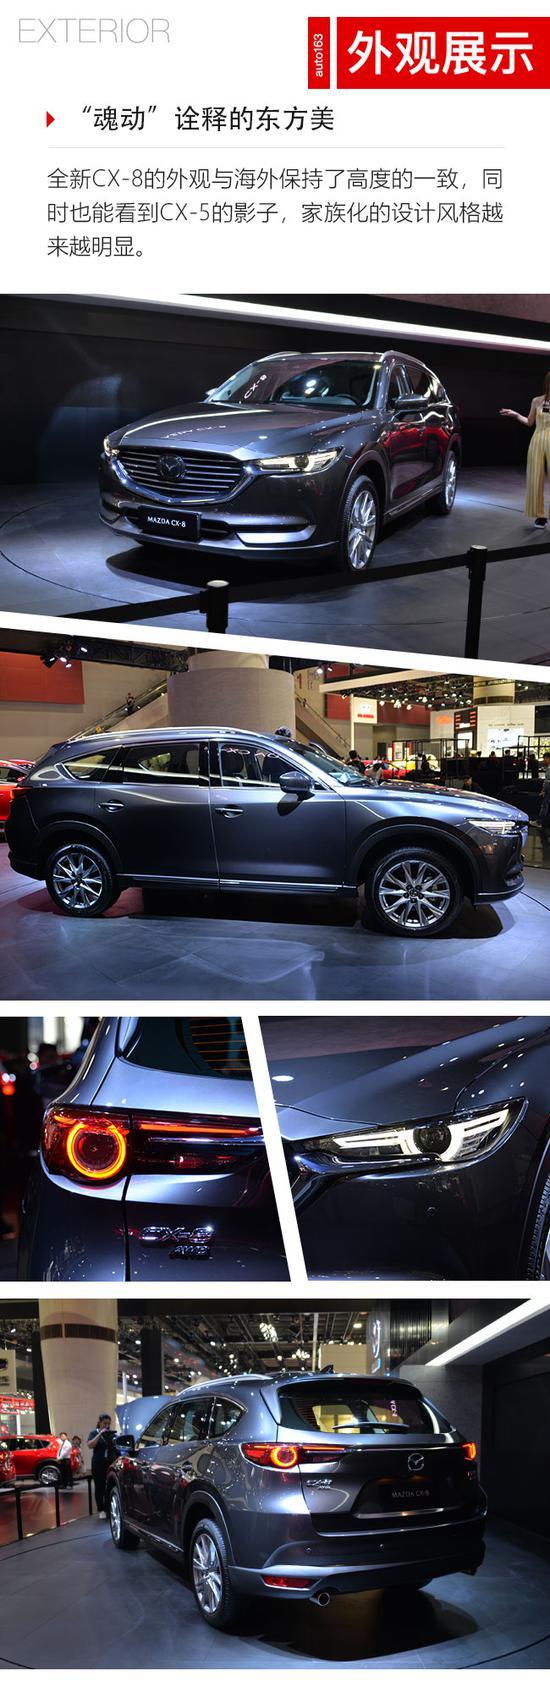 4款车型 长安马自达CX-8将于12月7日上市